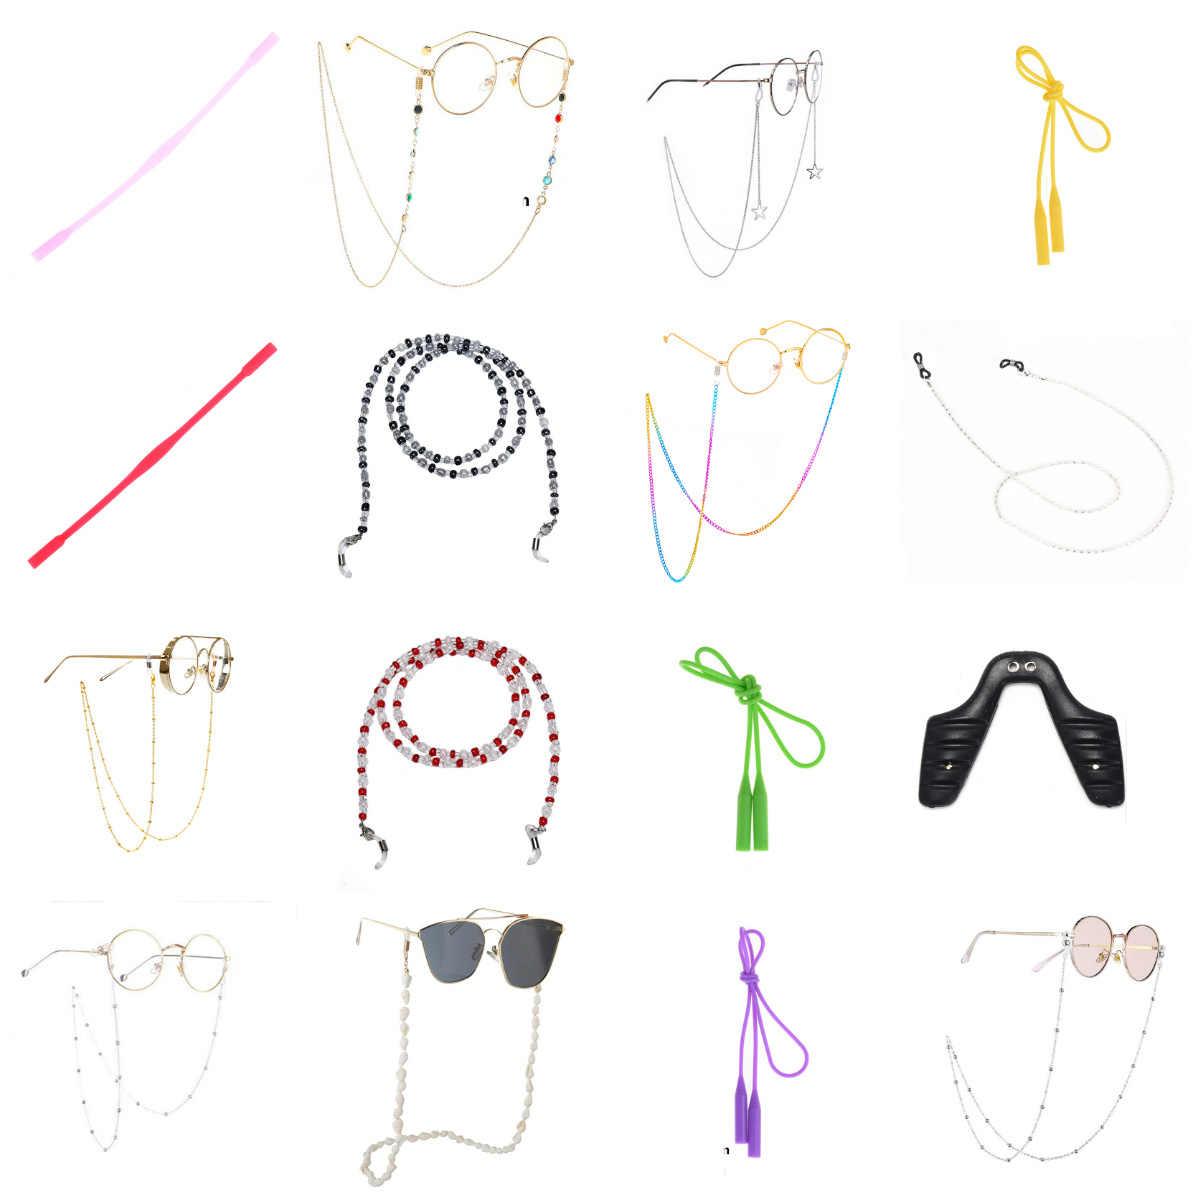 メガネチェーン模擬パールミニビーズストラップノンスリップネックレス装飾文字列ロープストラップコードファッション老眼鏡用